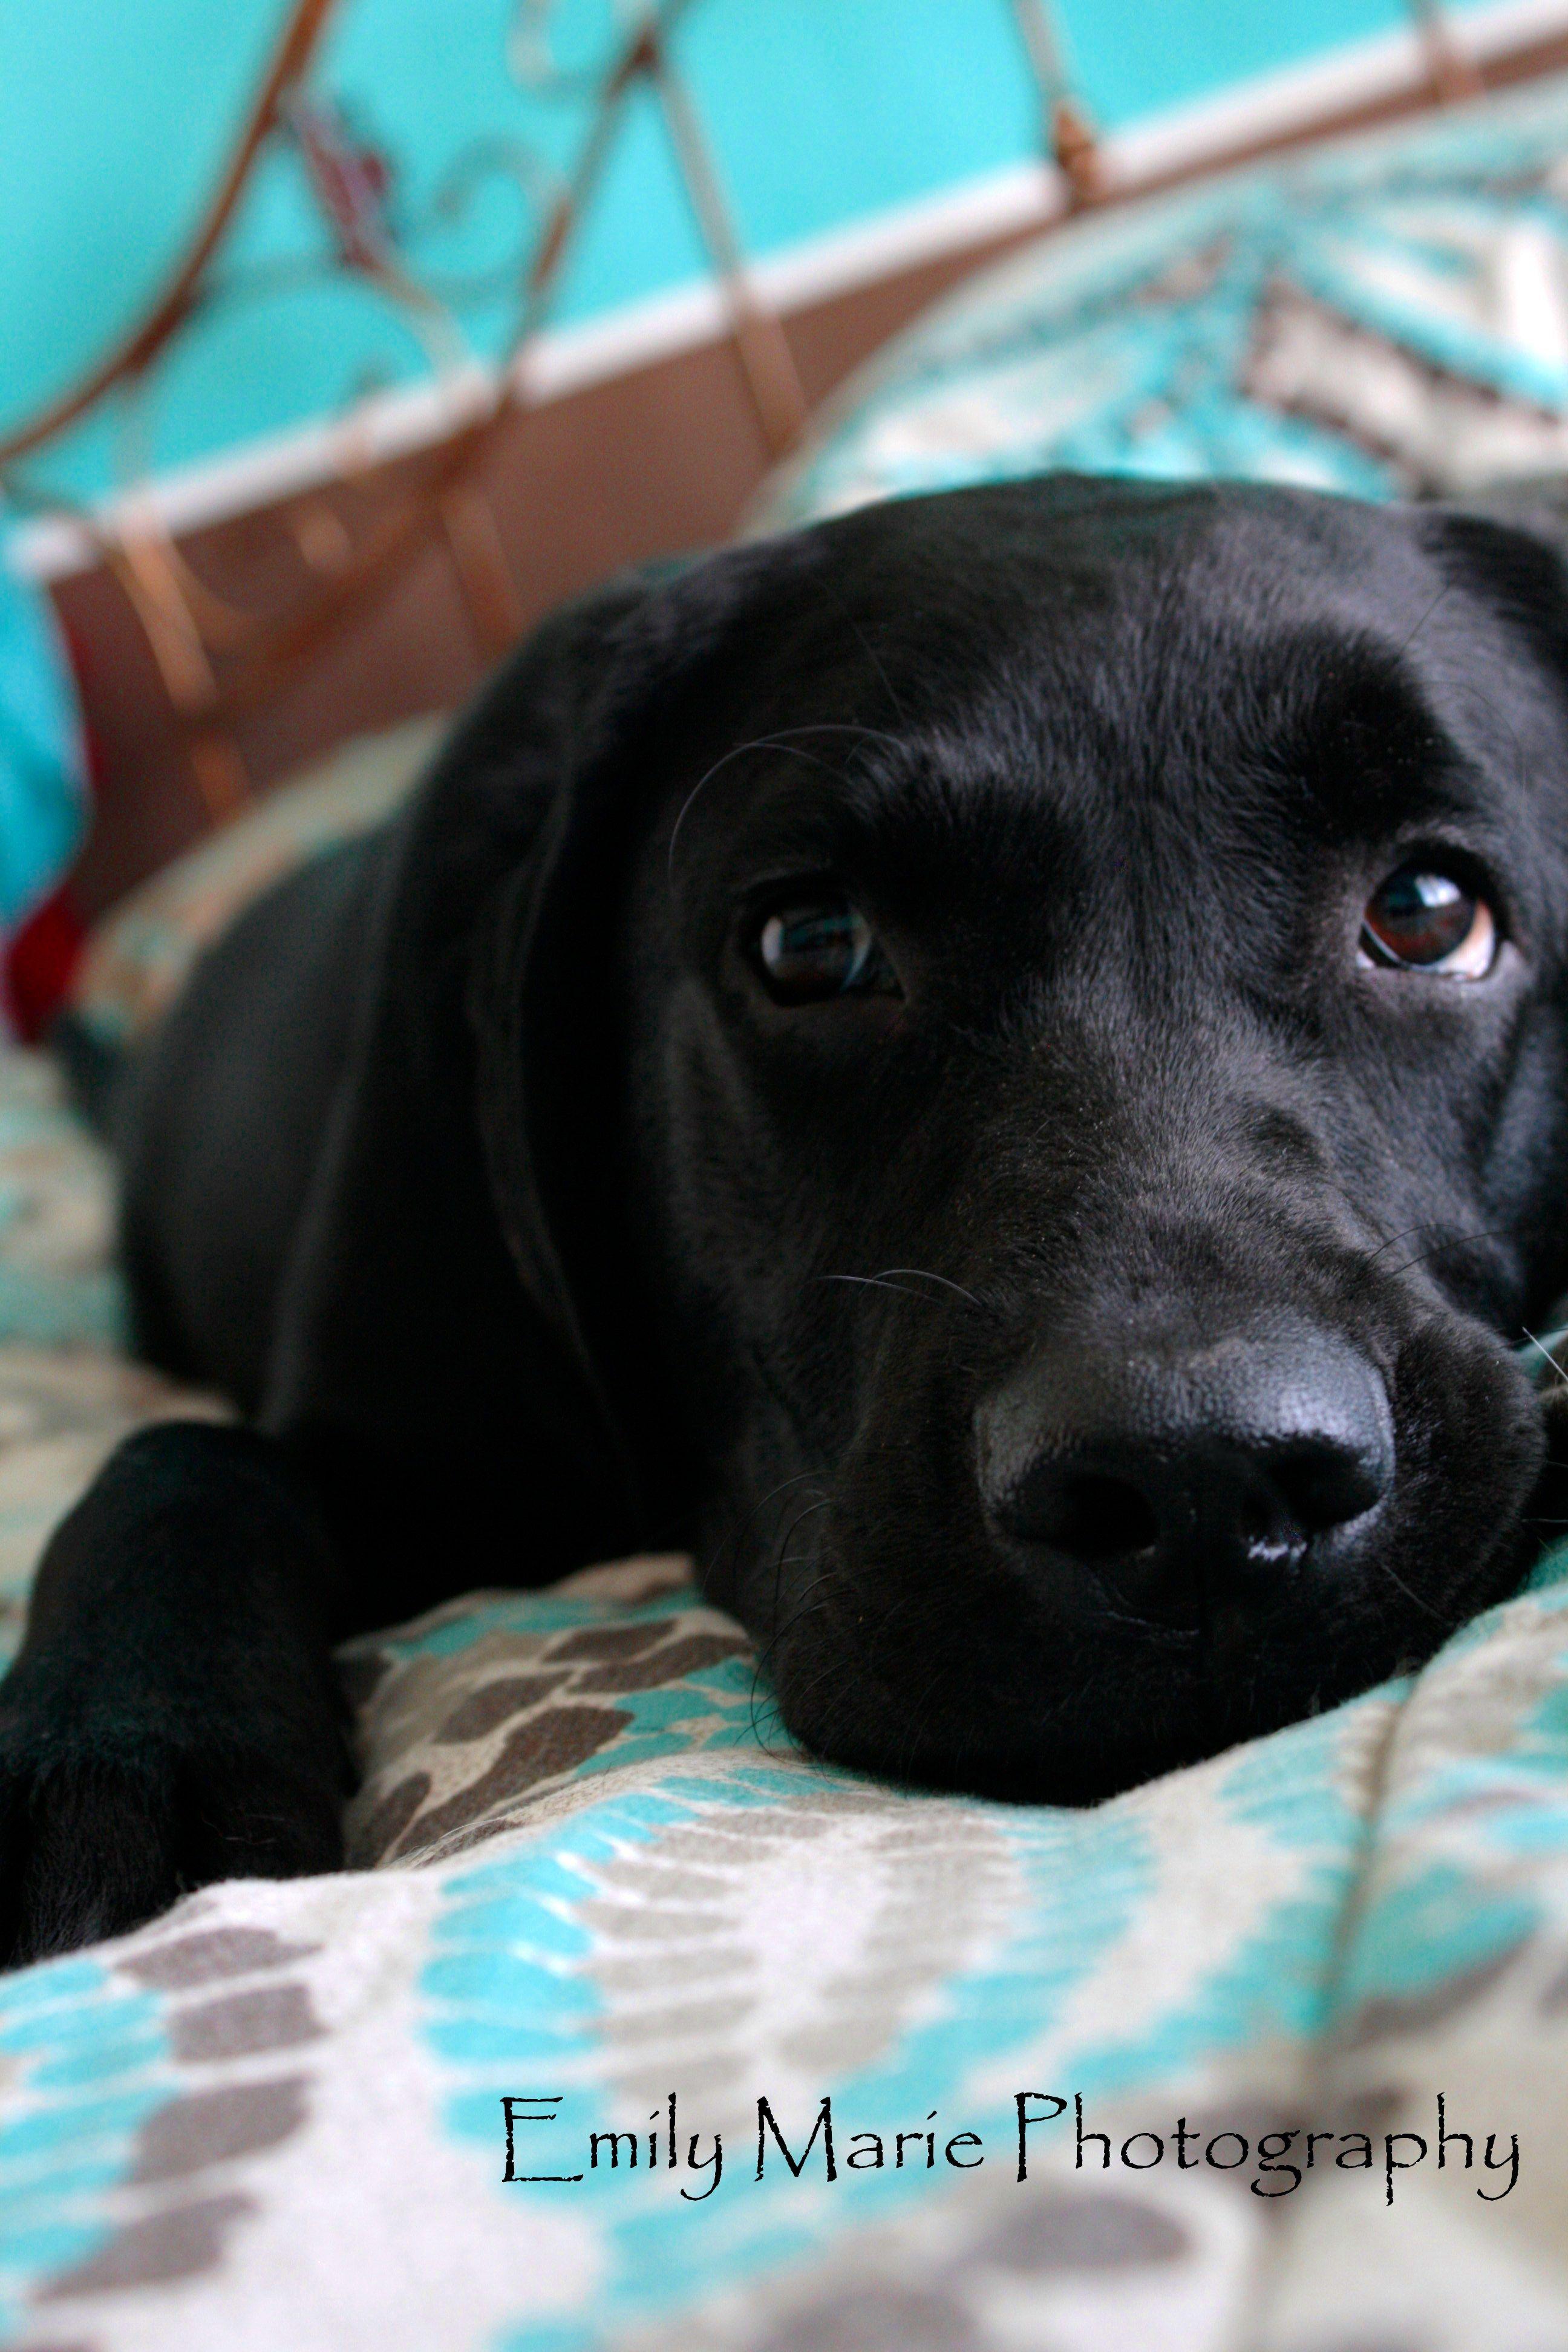 Top Labrador Black Adorable Dog - d6e69eb071a0cde4466da8272ddd9d1b  Picture_188284  .jpg